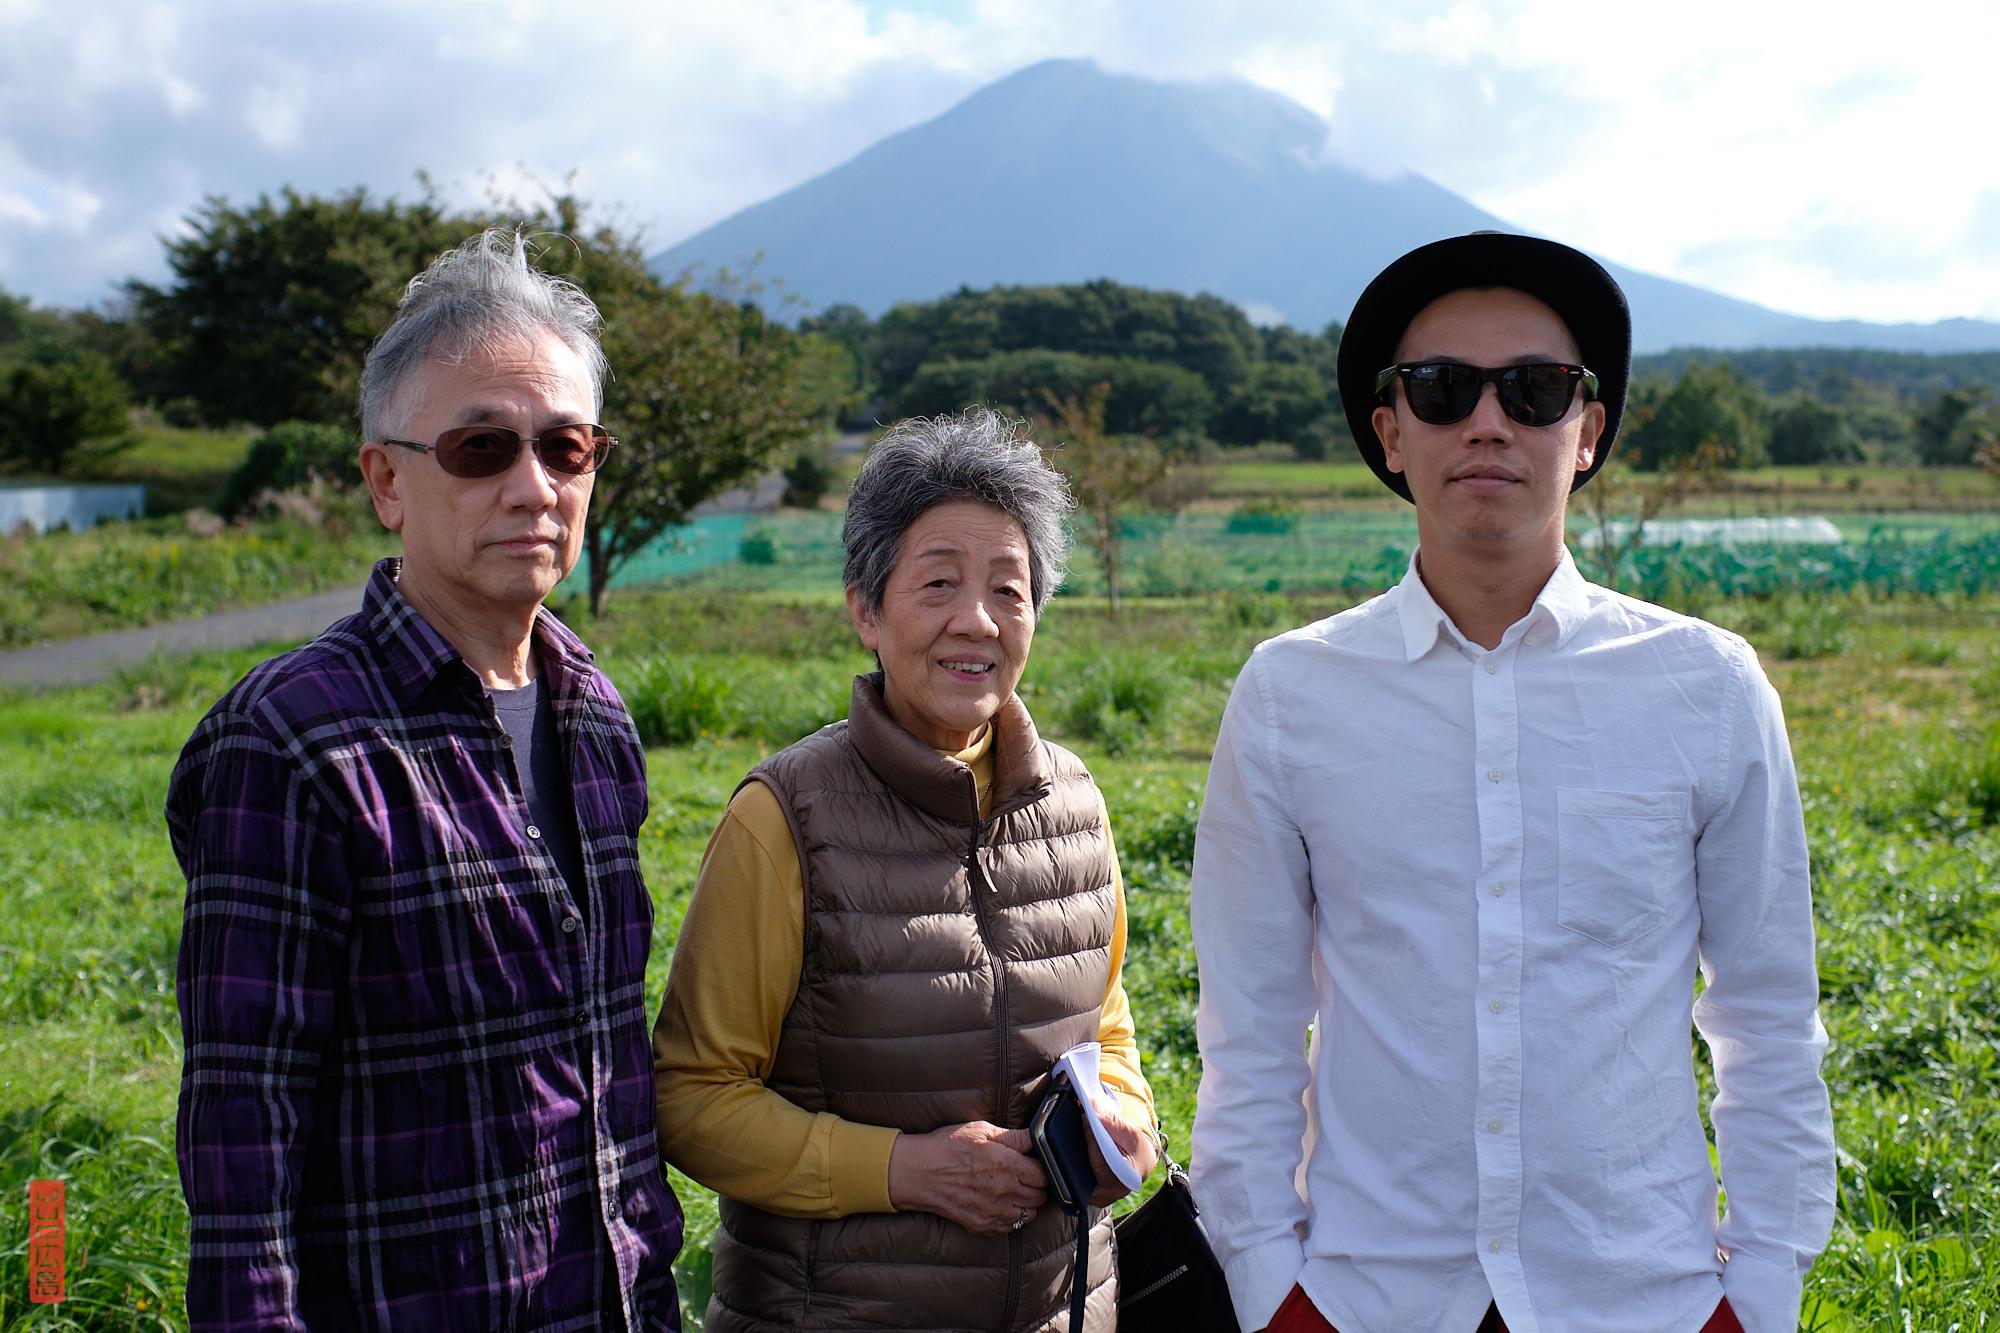 la famille devant le mont Daisen